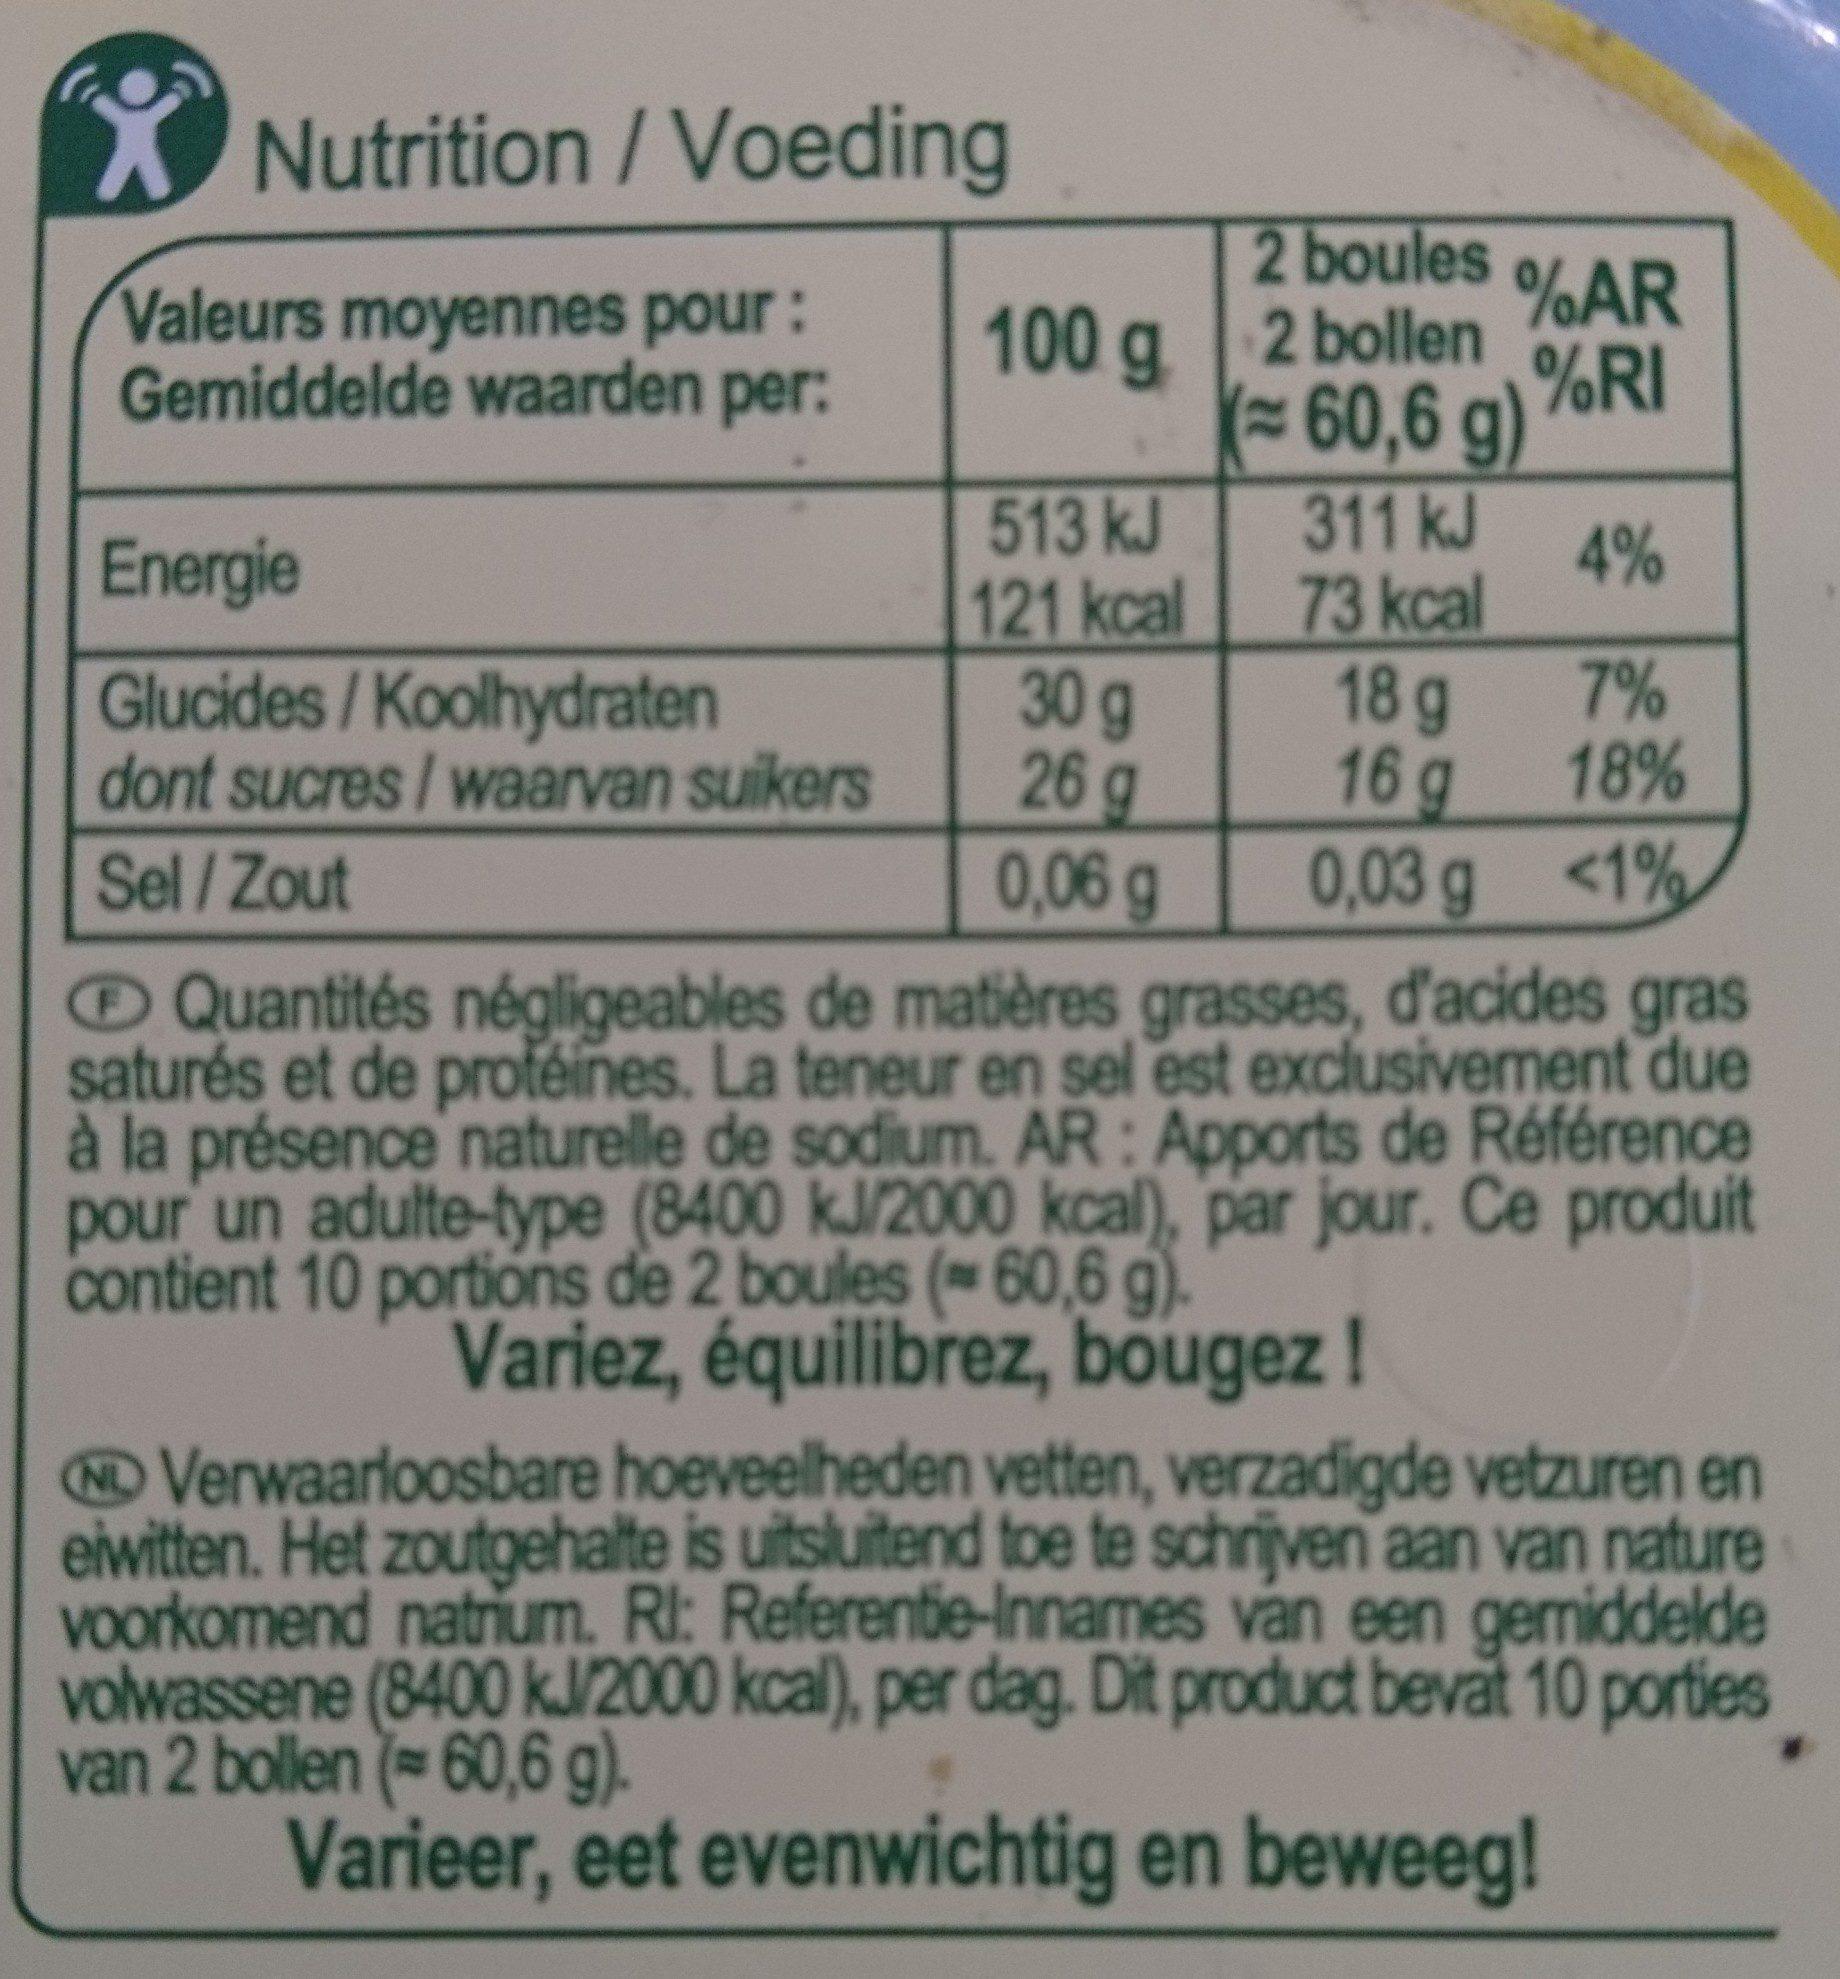 Sorbet citron avec morceaux - Voedingswaarden - fr